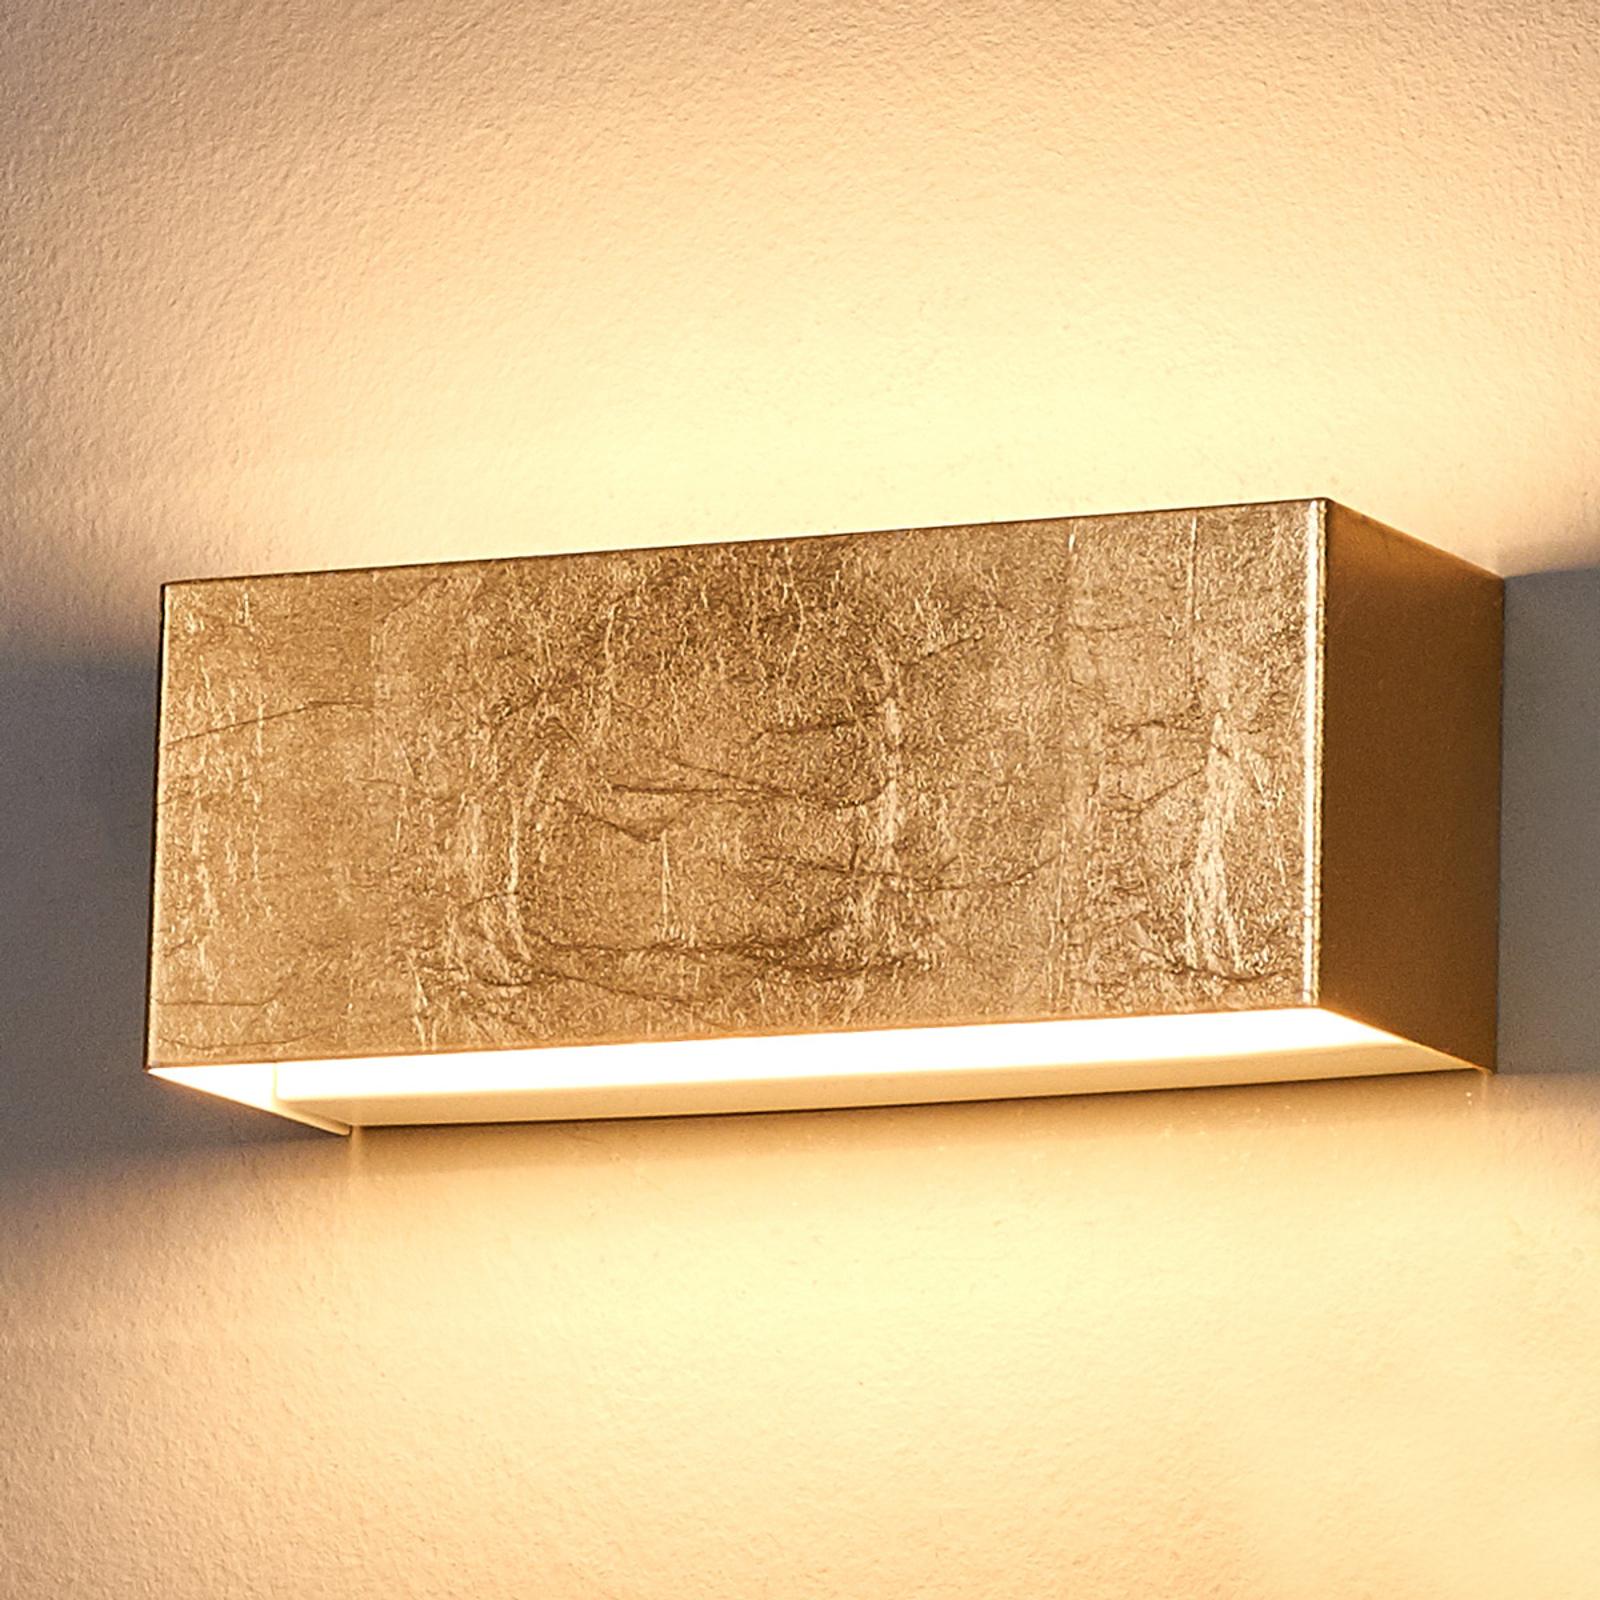 LED nástěnné svítidlo Quentin, zlaté, šířka 23 cm